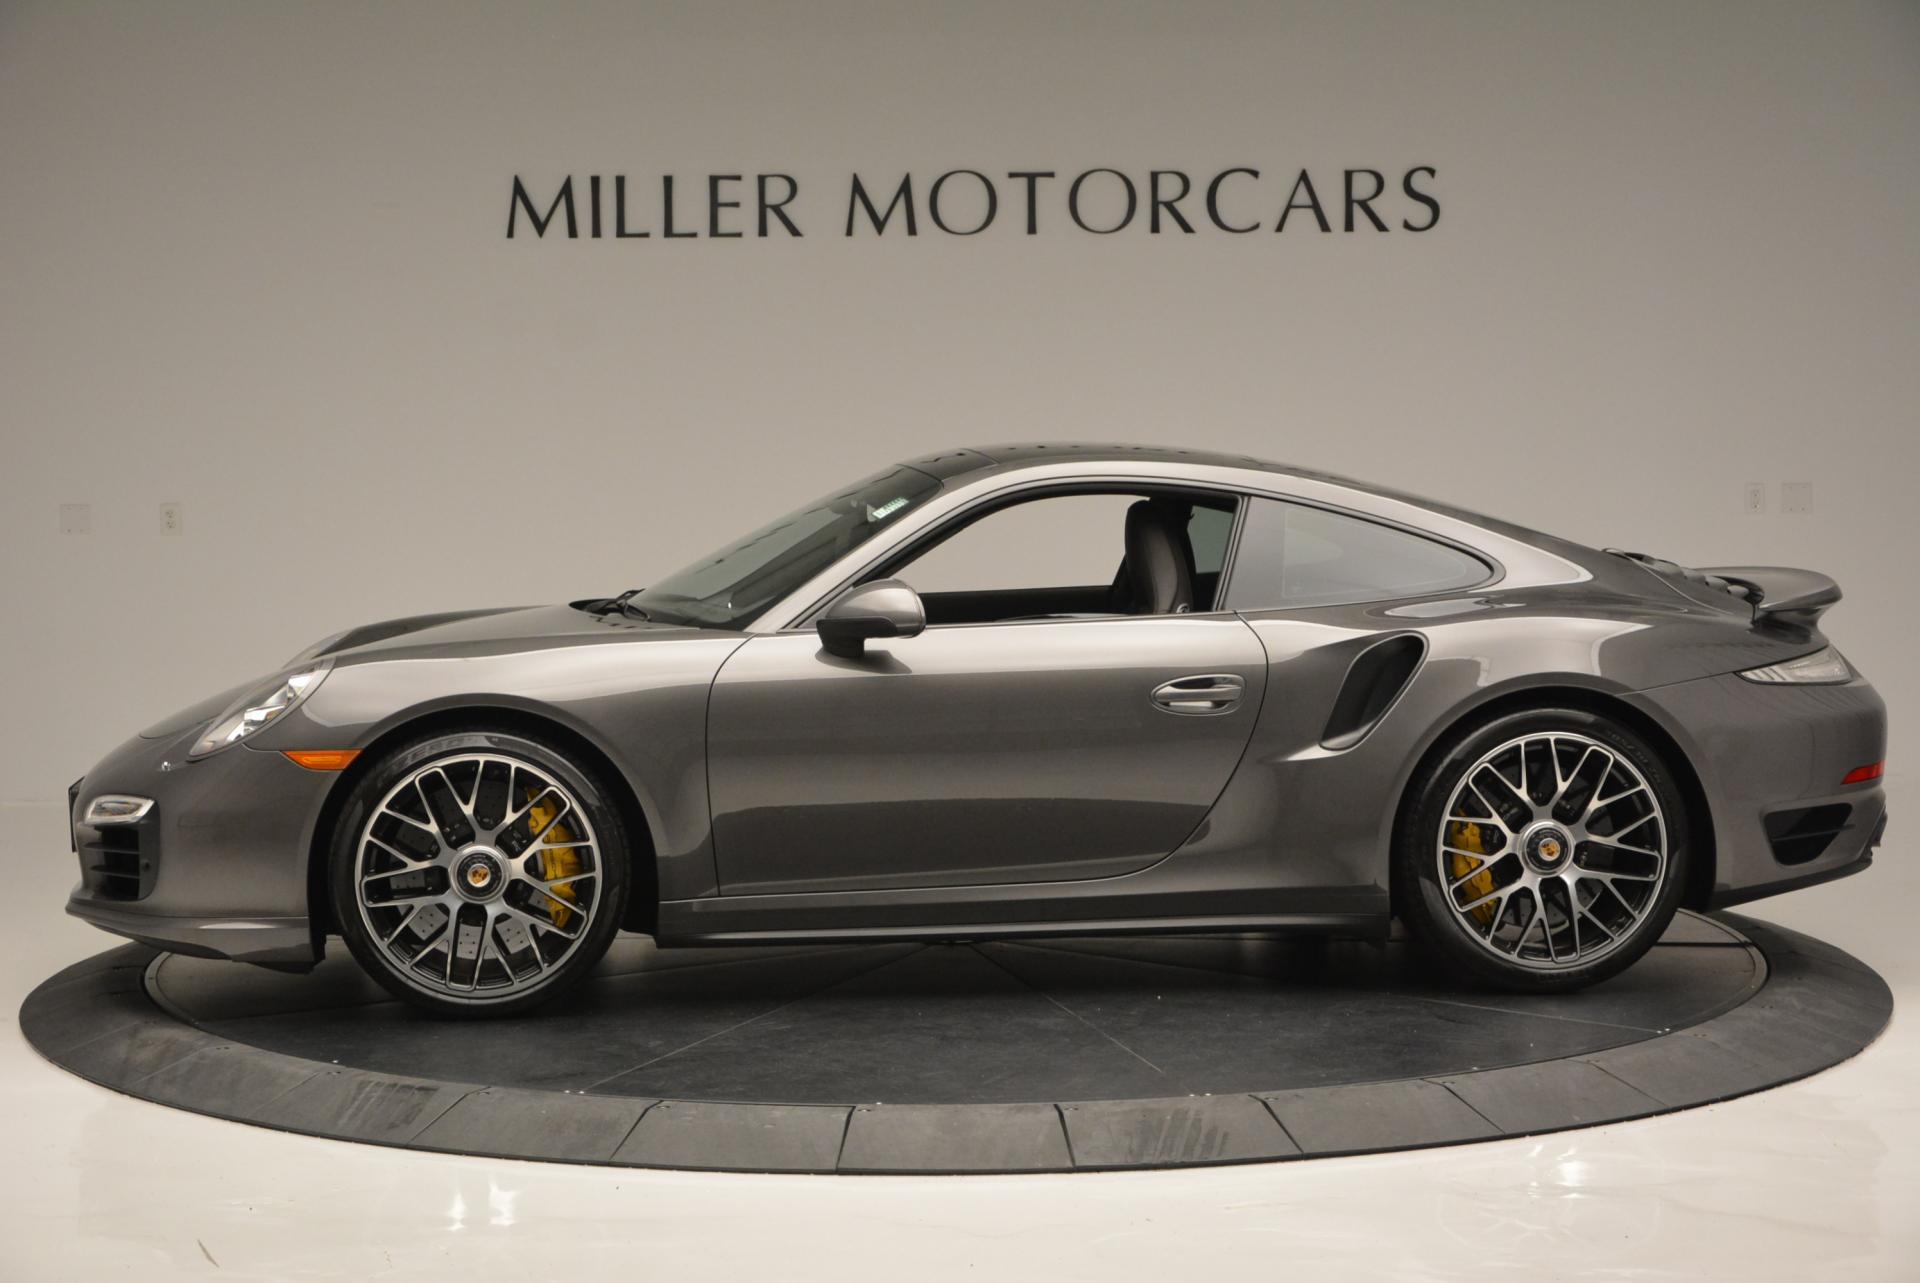 Used 2014 Porsche 911 Turbo S For Sale In Westport, CT 113_p3